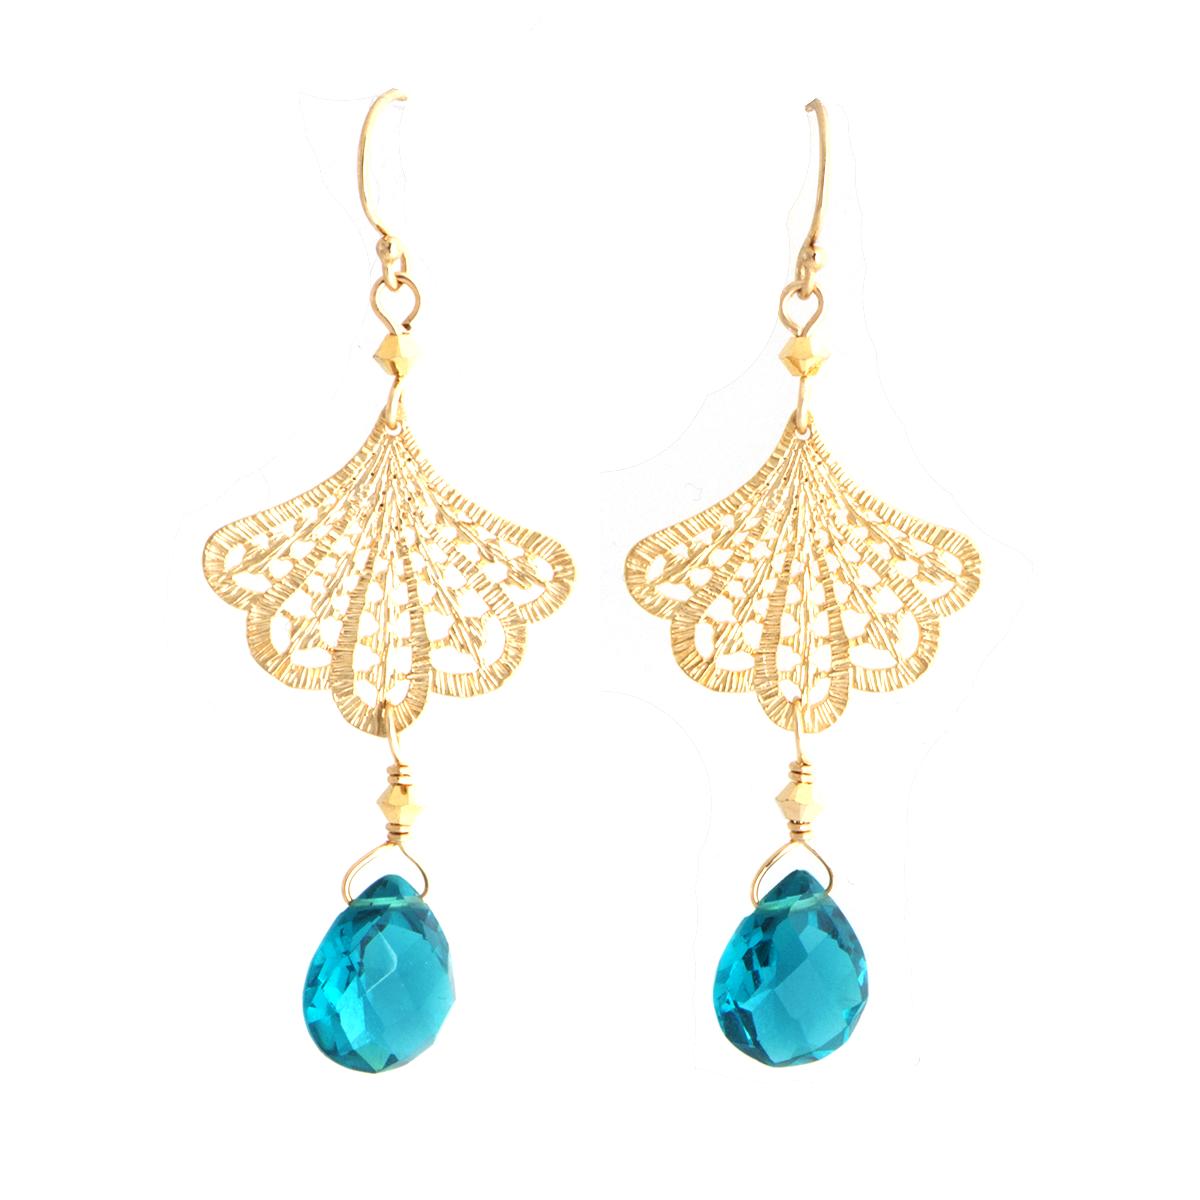 Jewelry by Amy Zane